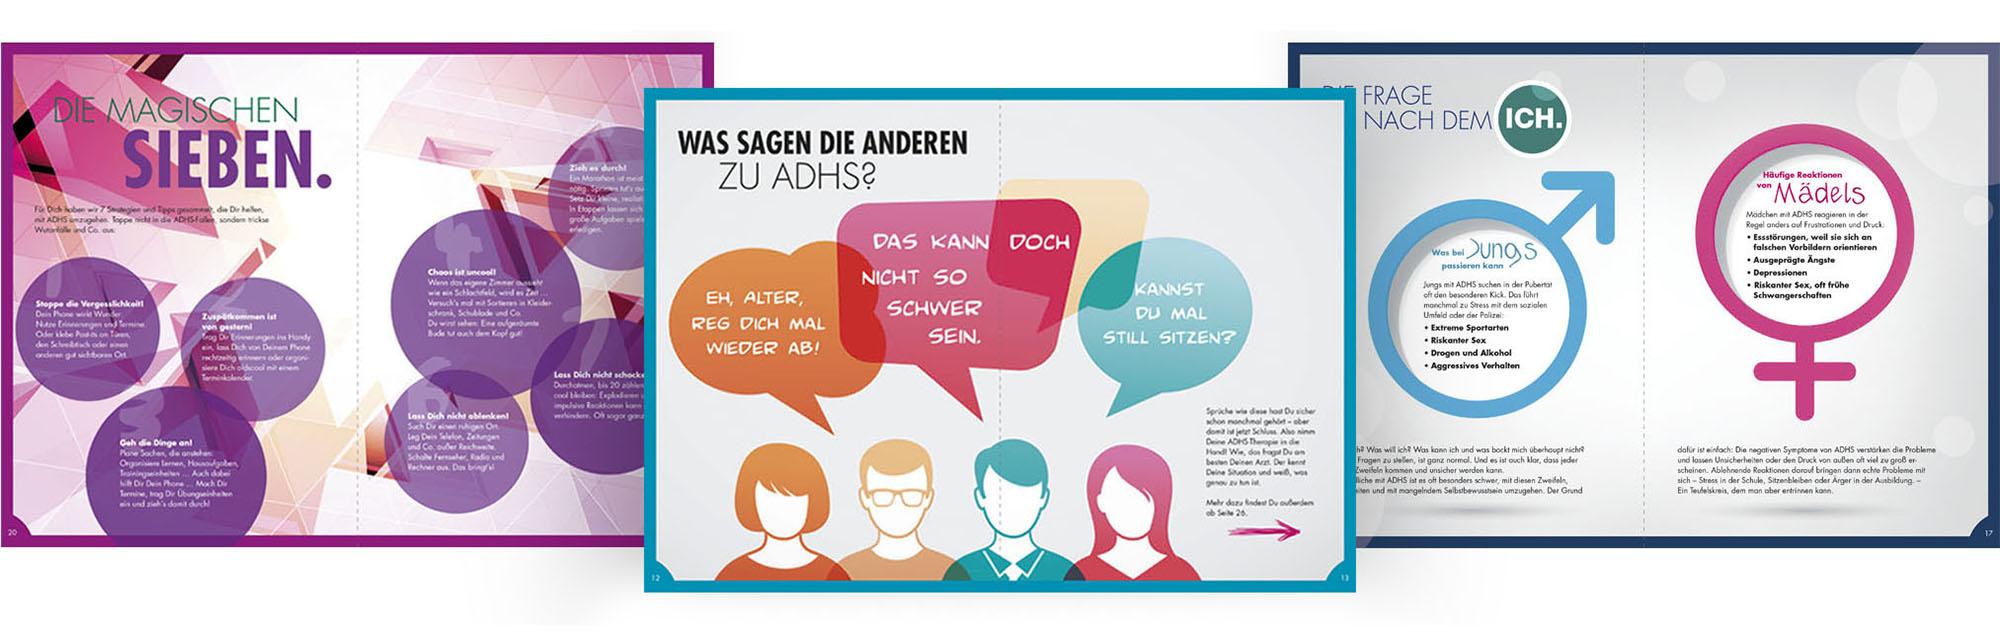 MEDICE ADHS-Kampagnen-Booklet Vol 1 – Werbeagentur Lehnstein Koblenz Referenzen